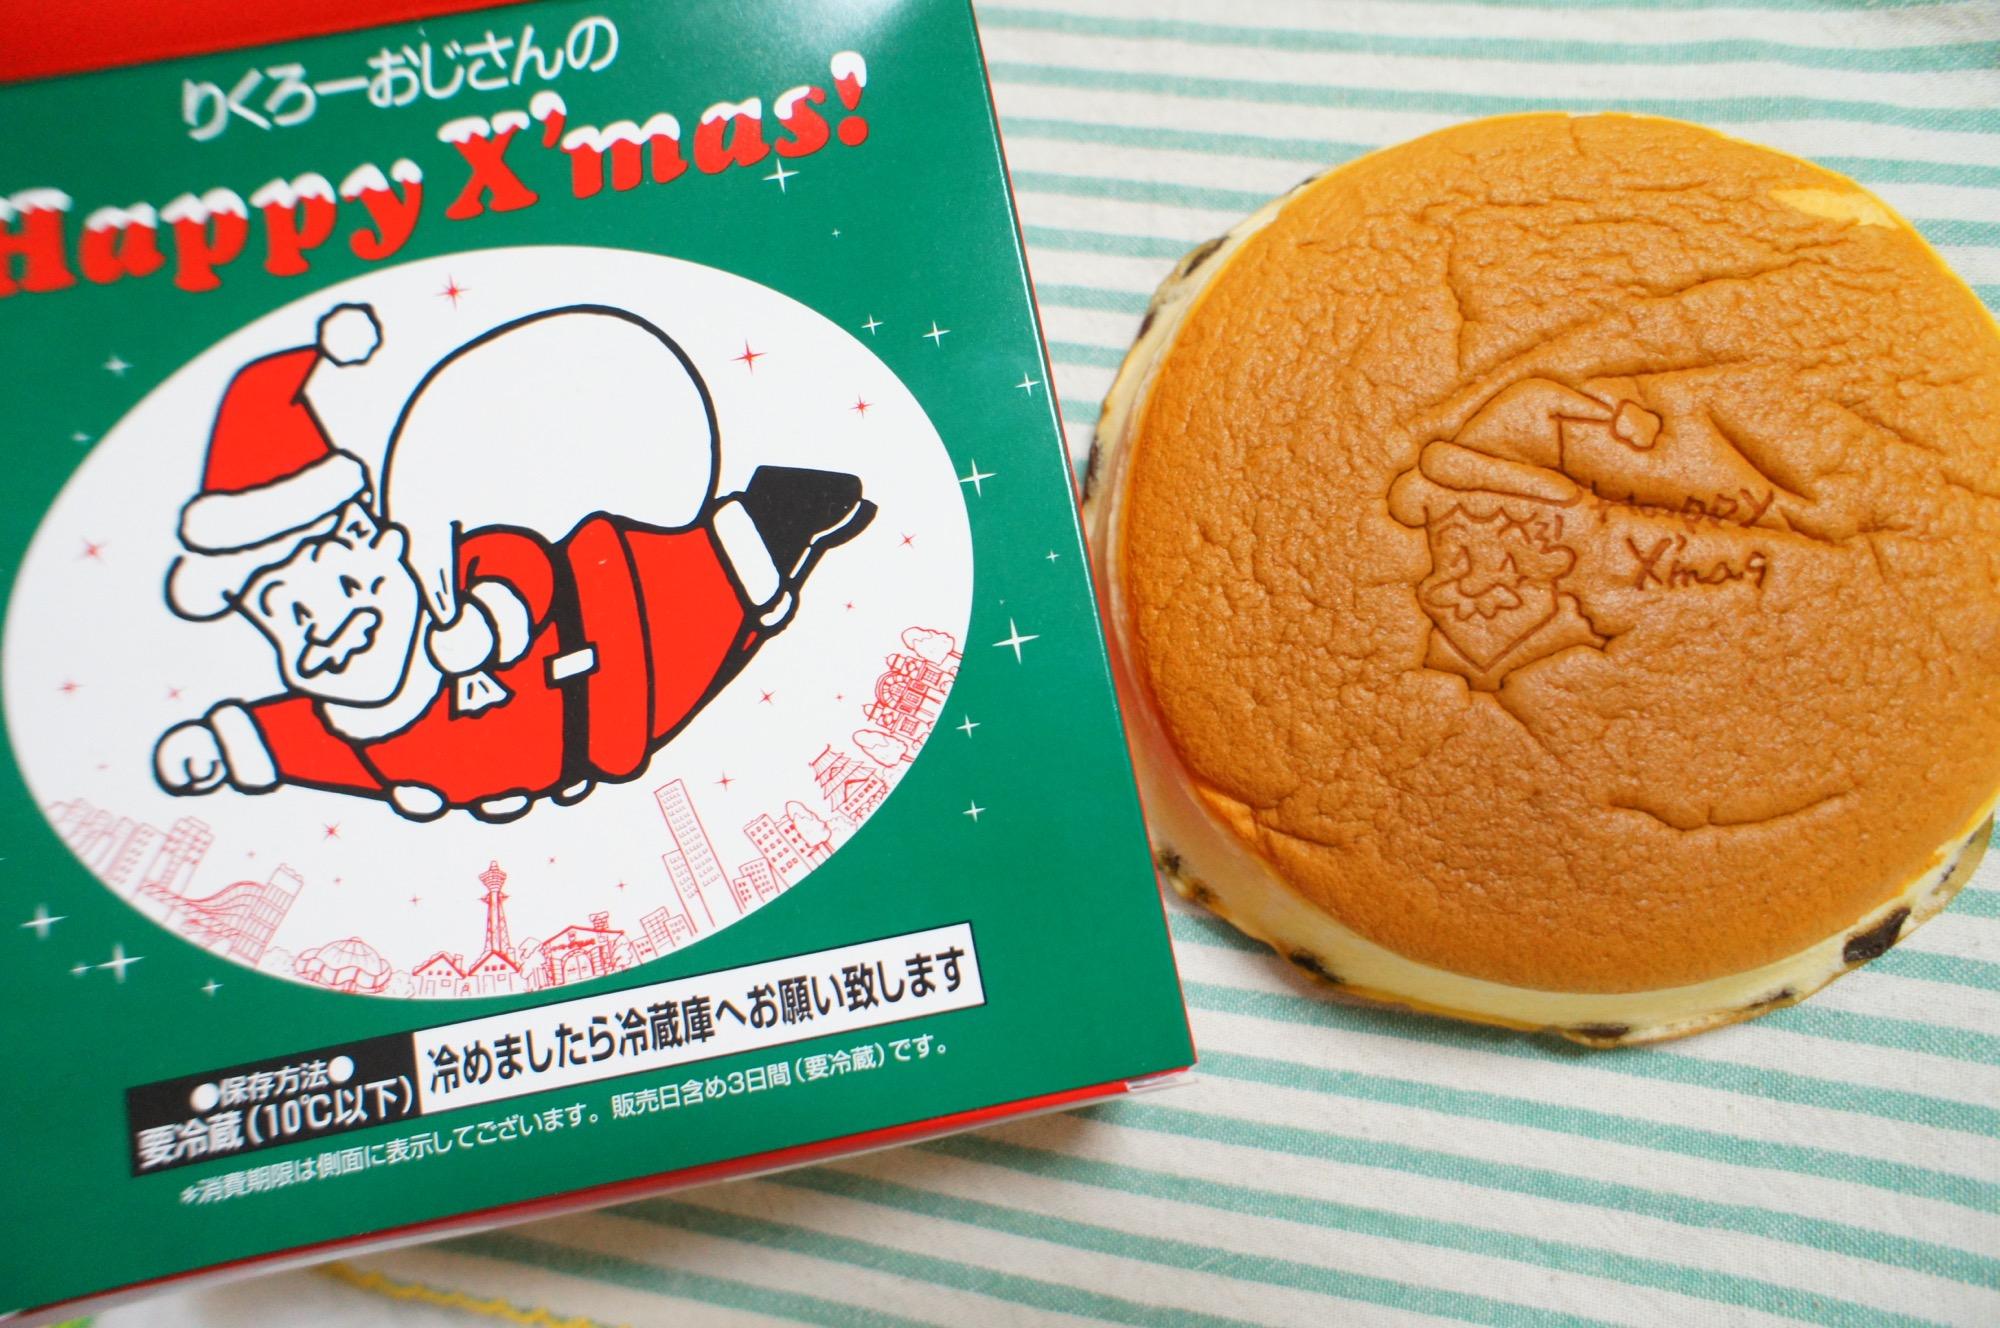 《ご当地MORE✩大阪》大人気土産❤️【りくろーおじさん】がクリスマス仕様に…☻!_2